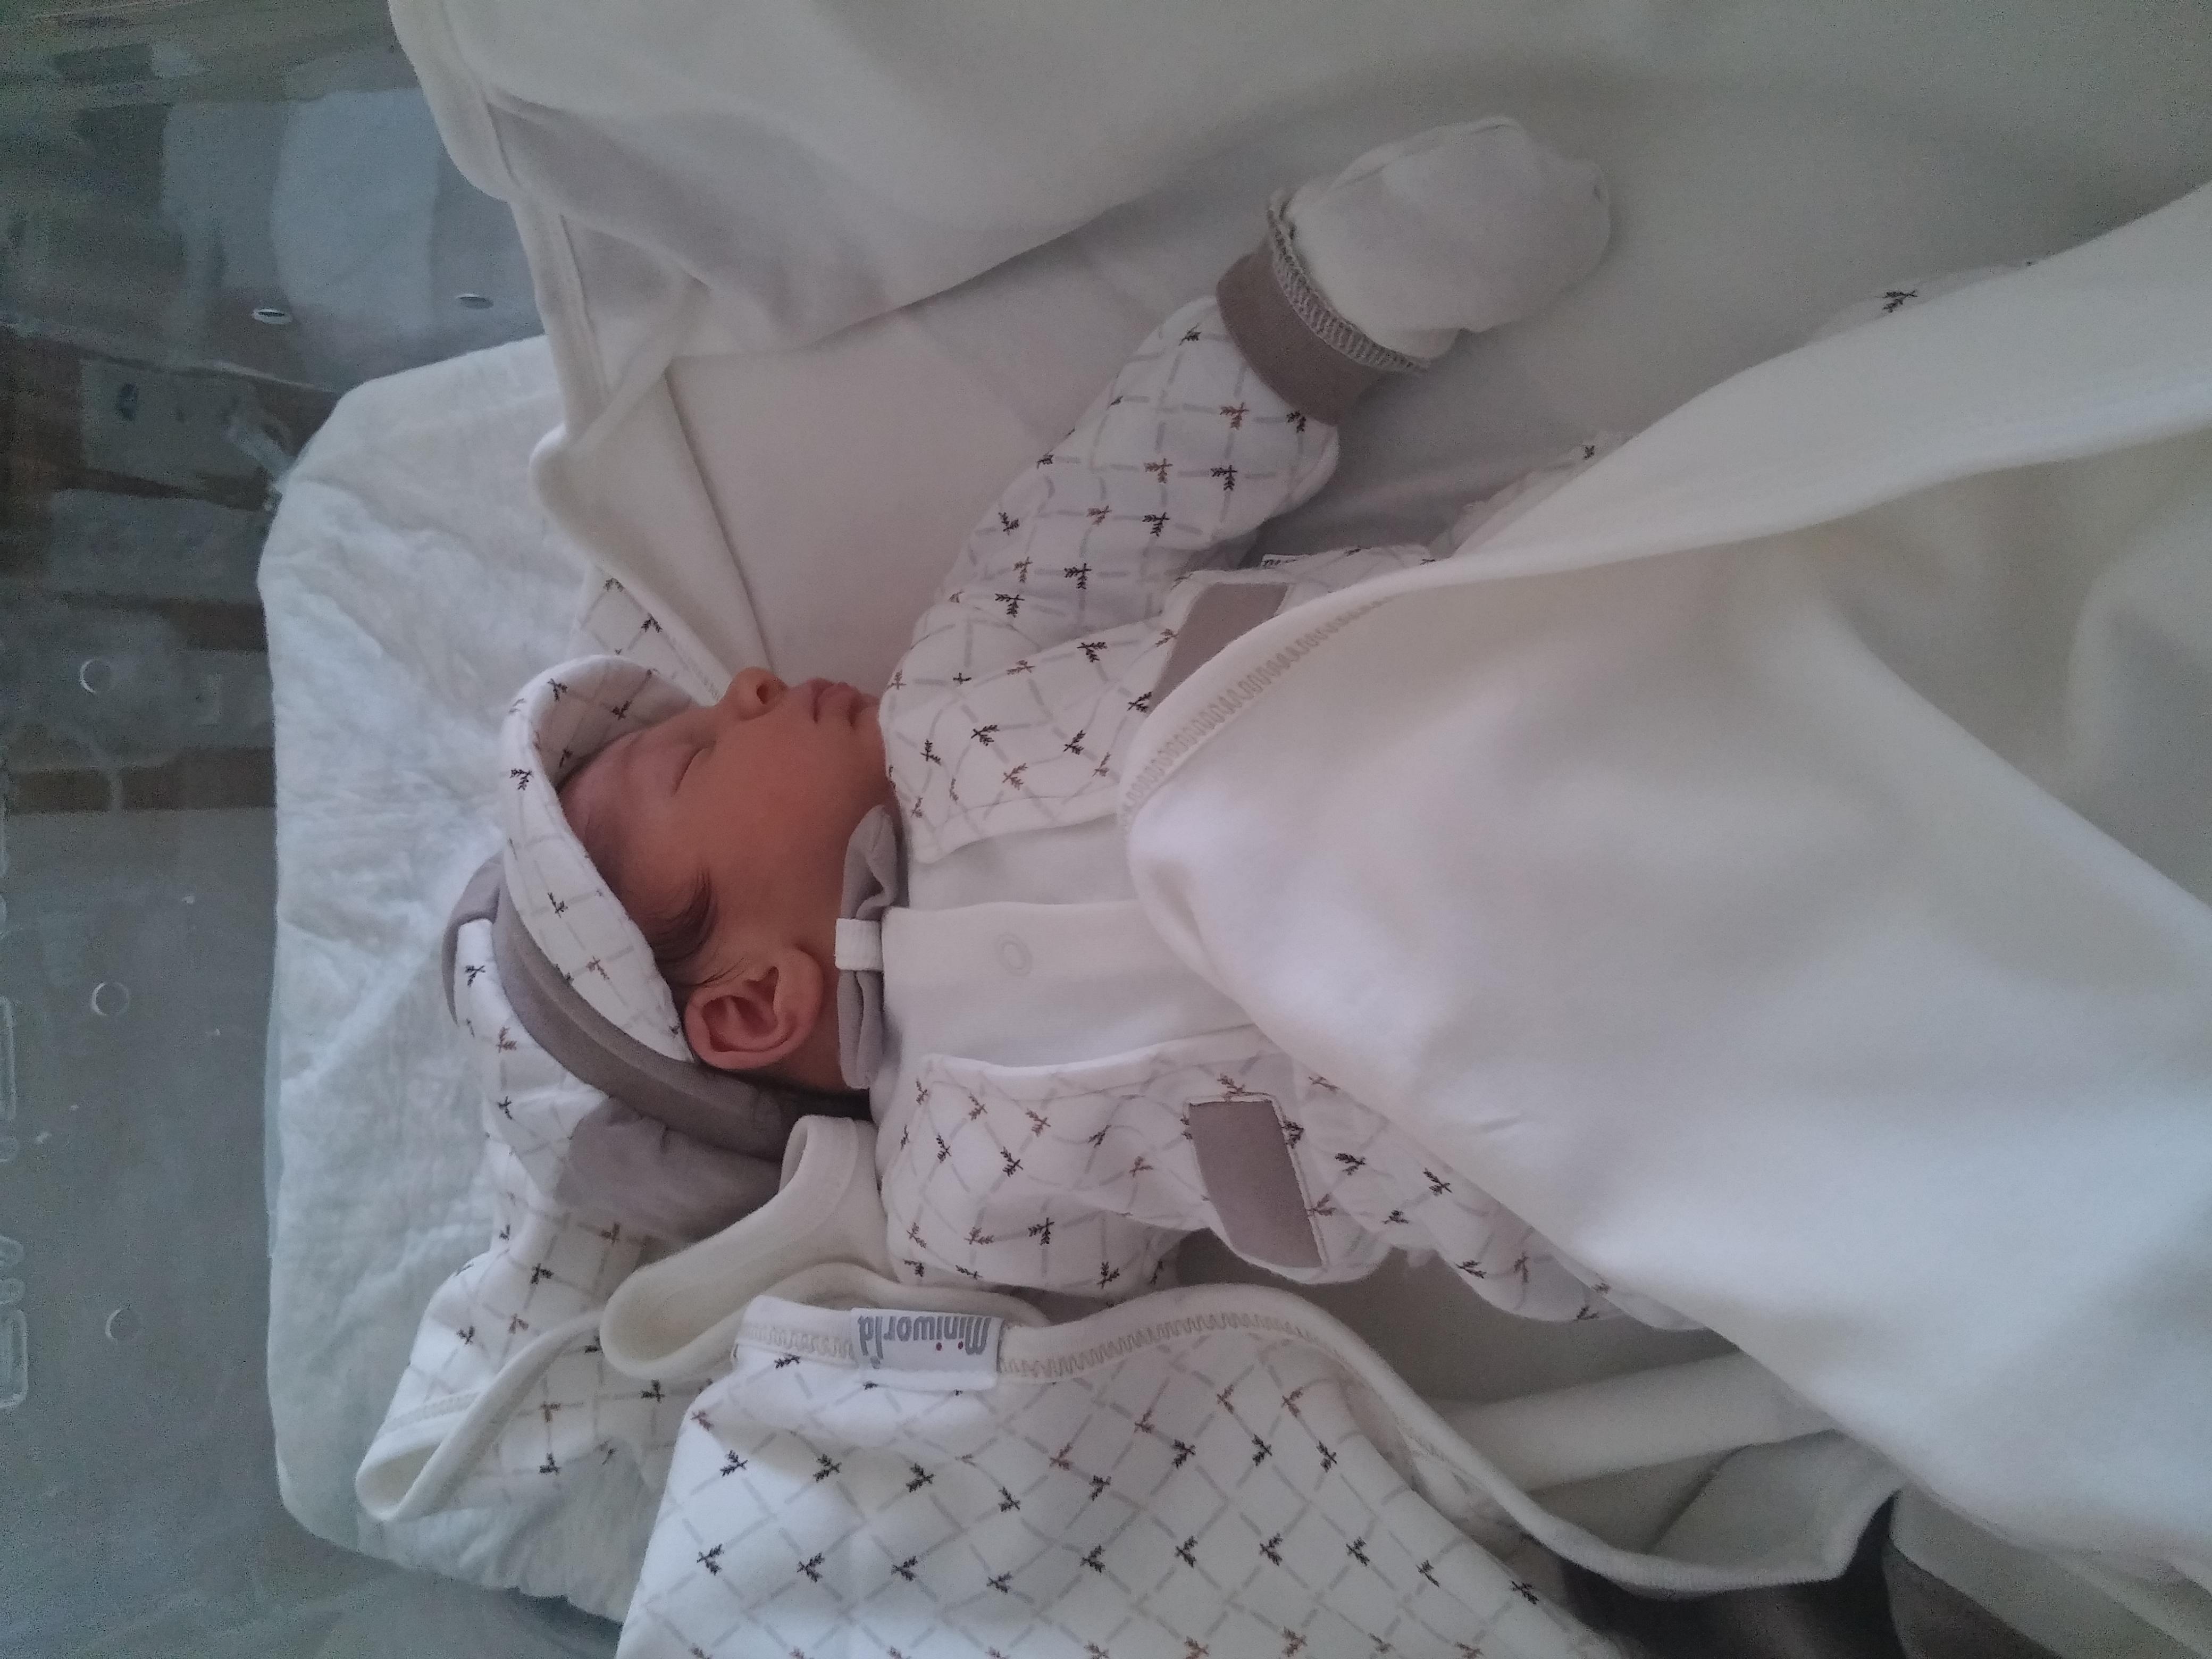 Yeni Bir Doğum Hikayesi – Nilüfer Pala